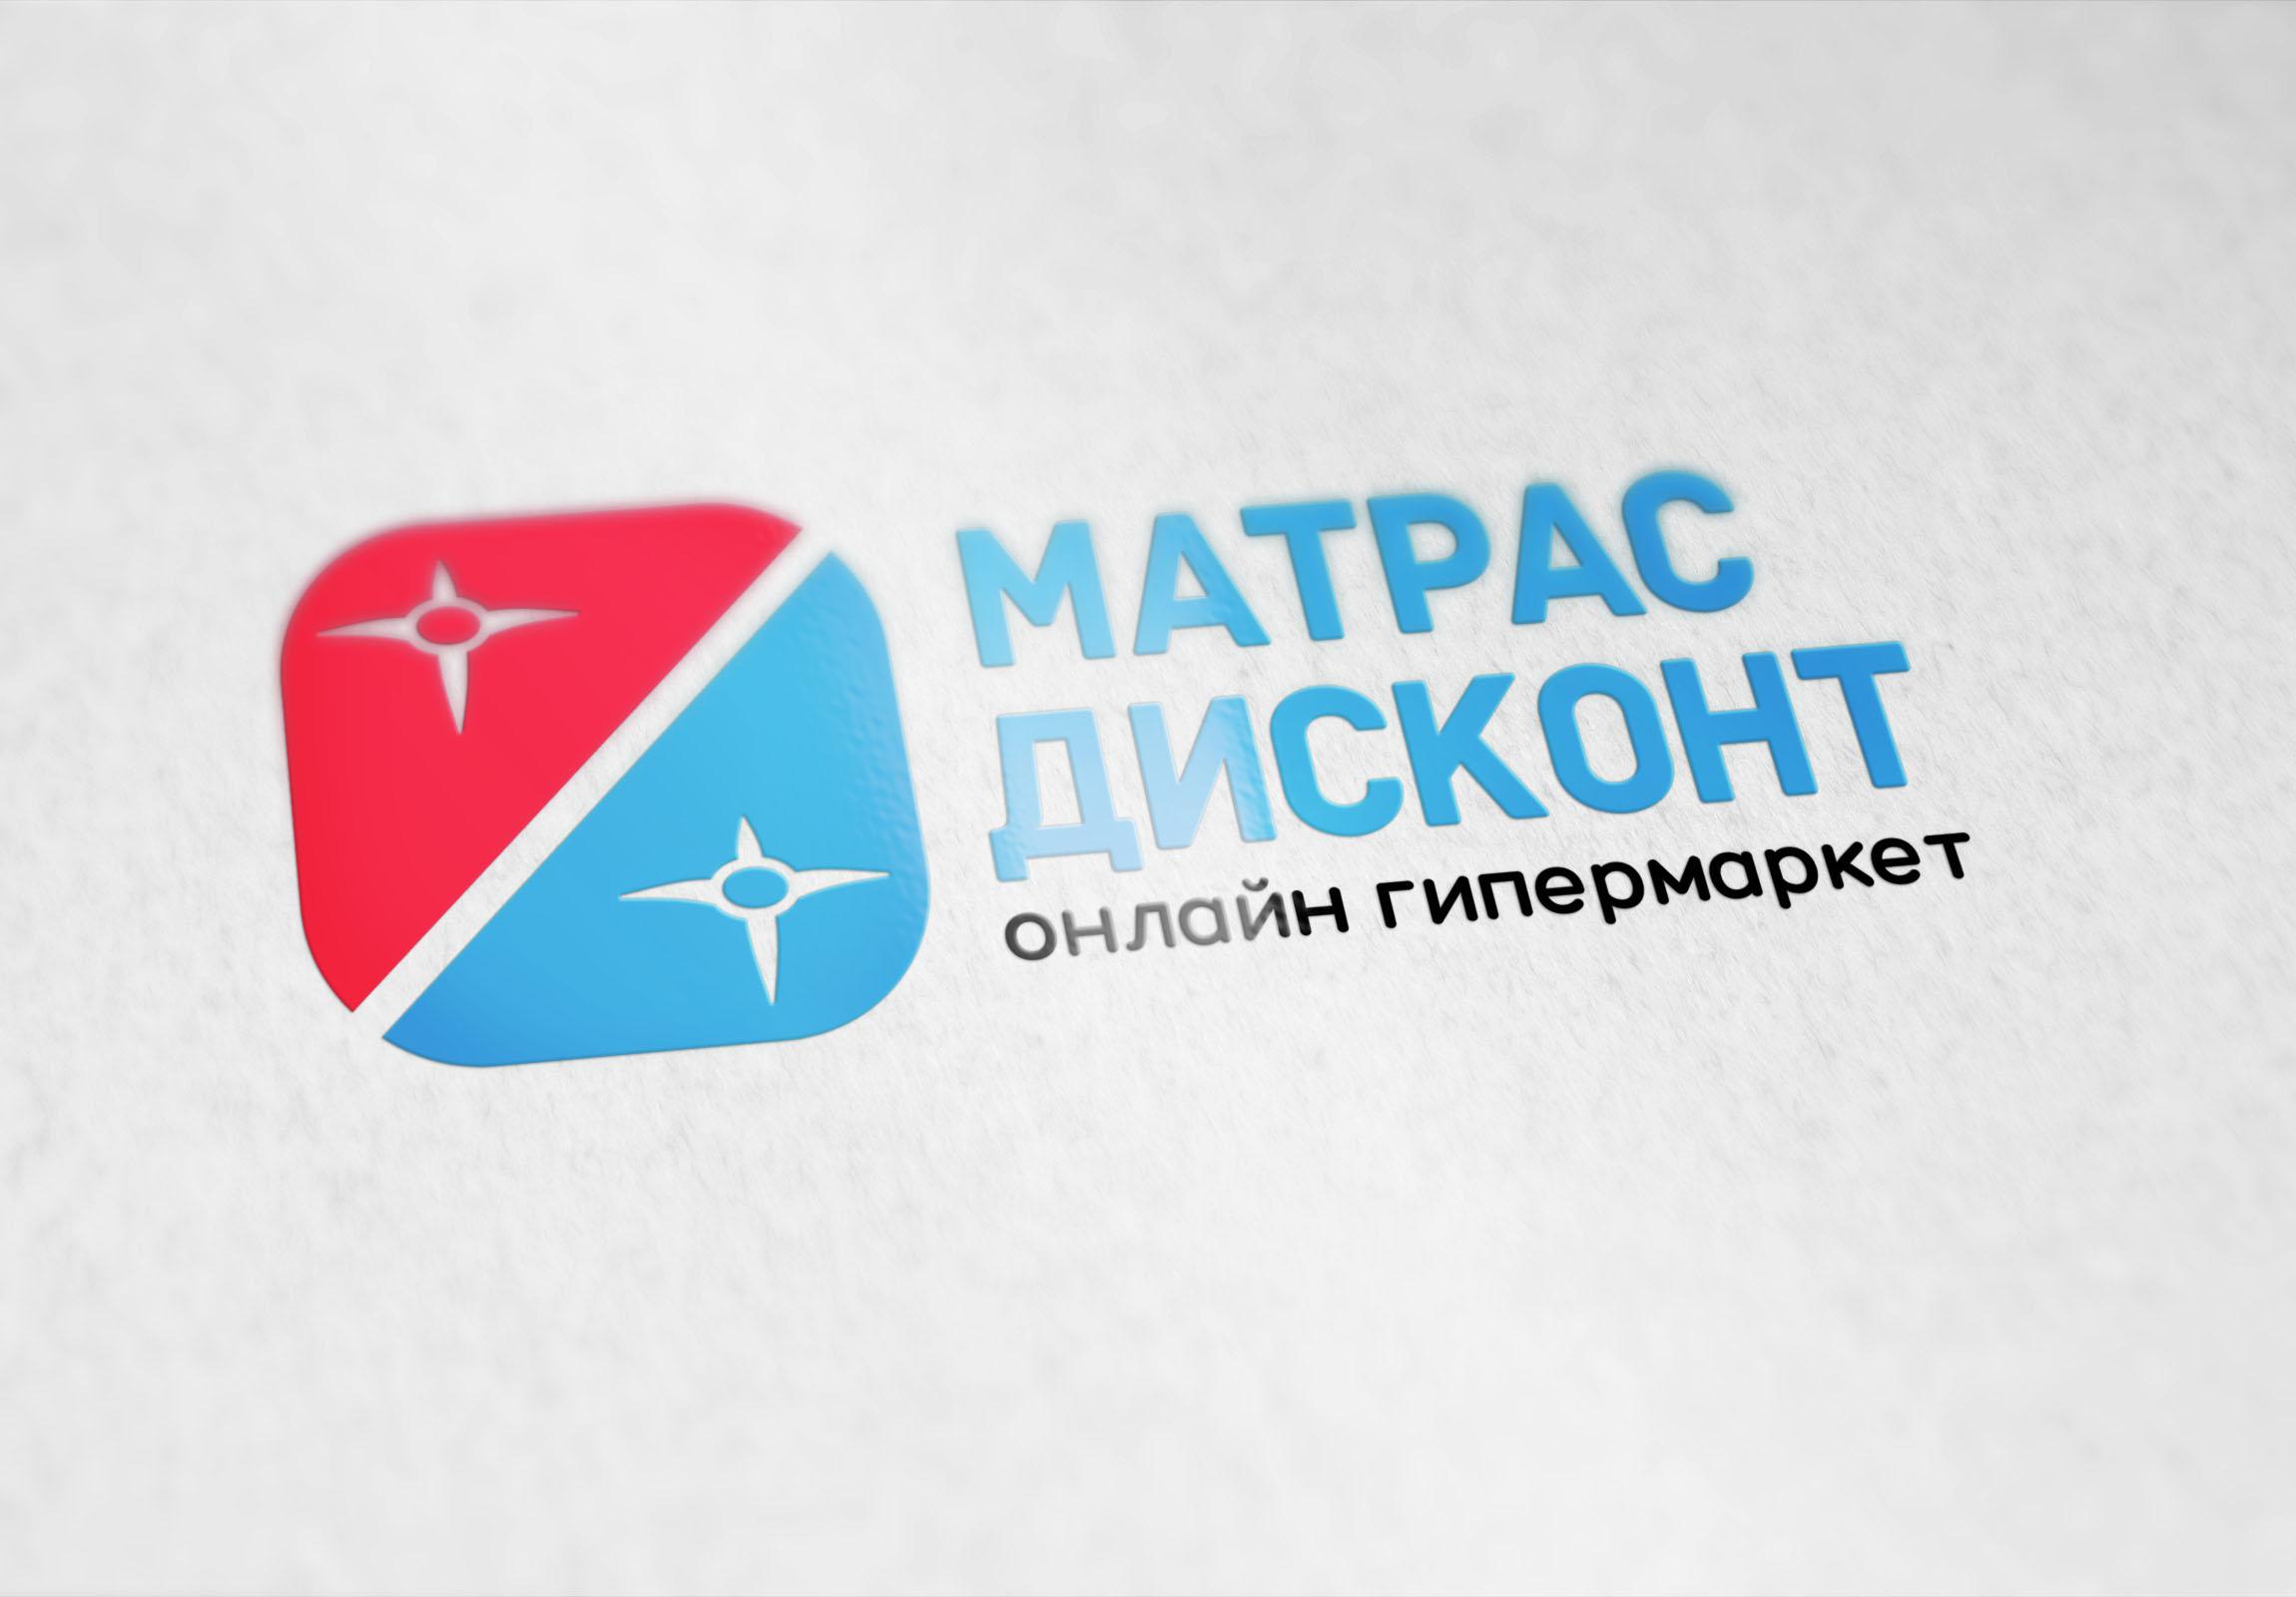 Логотип для ИМ матрасов фото f_4455c9776fbc7bc6.jpg